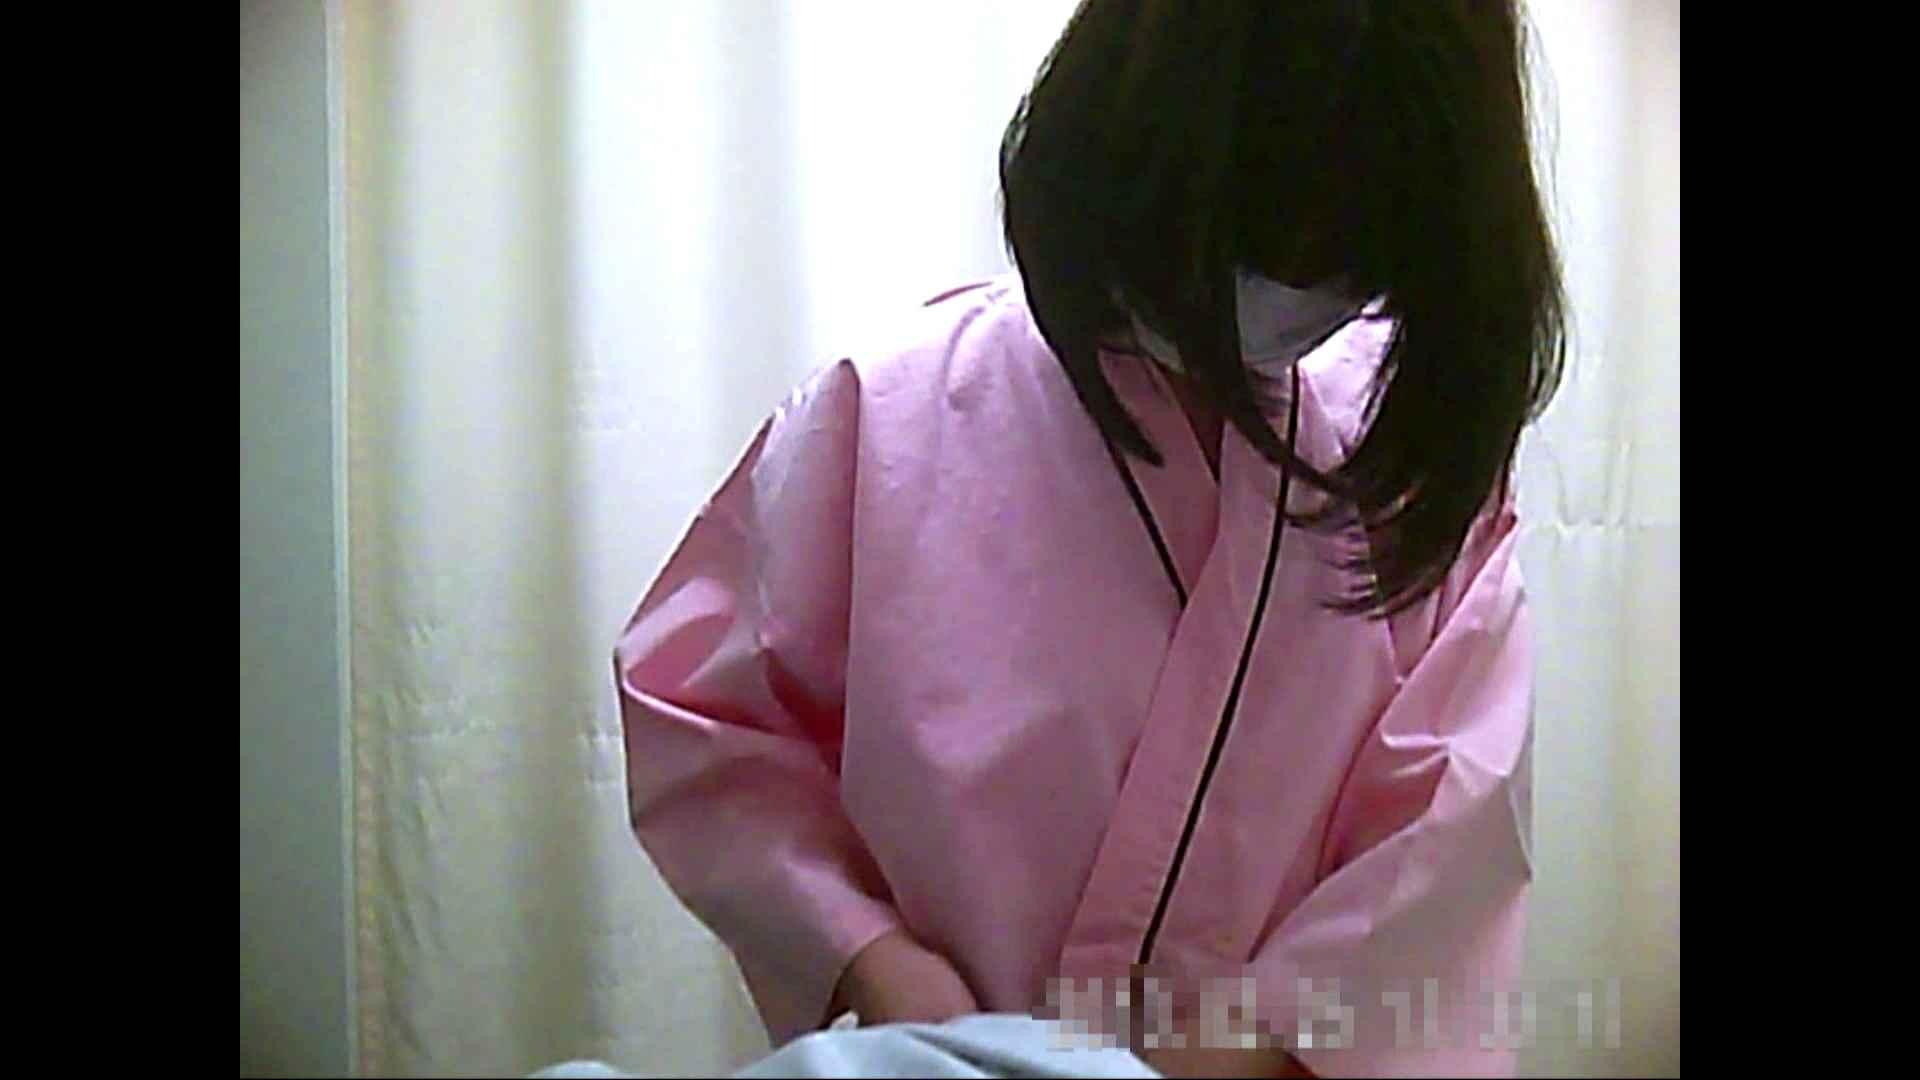 病院おもいっきり着替え! vol.191 盗撮 オマンコ動画キャプチャ 101pic 3